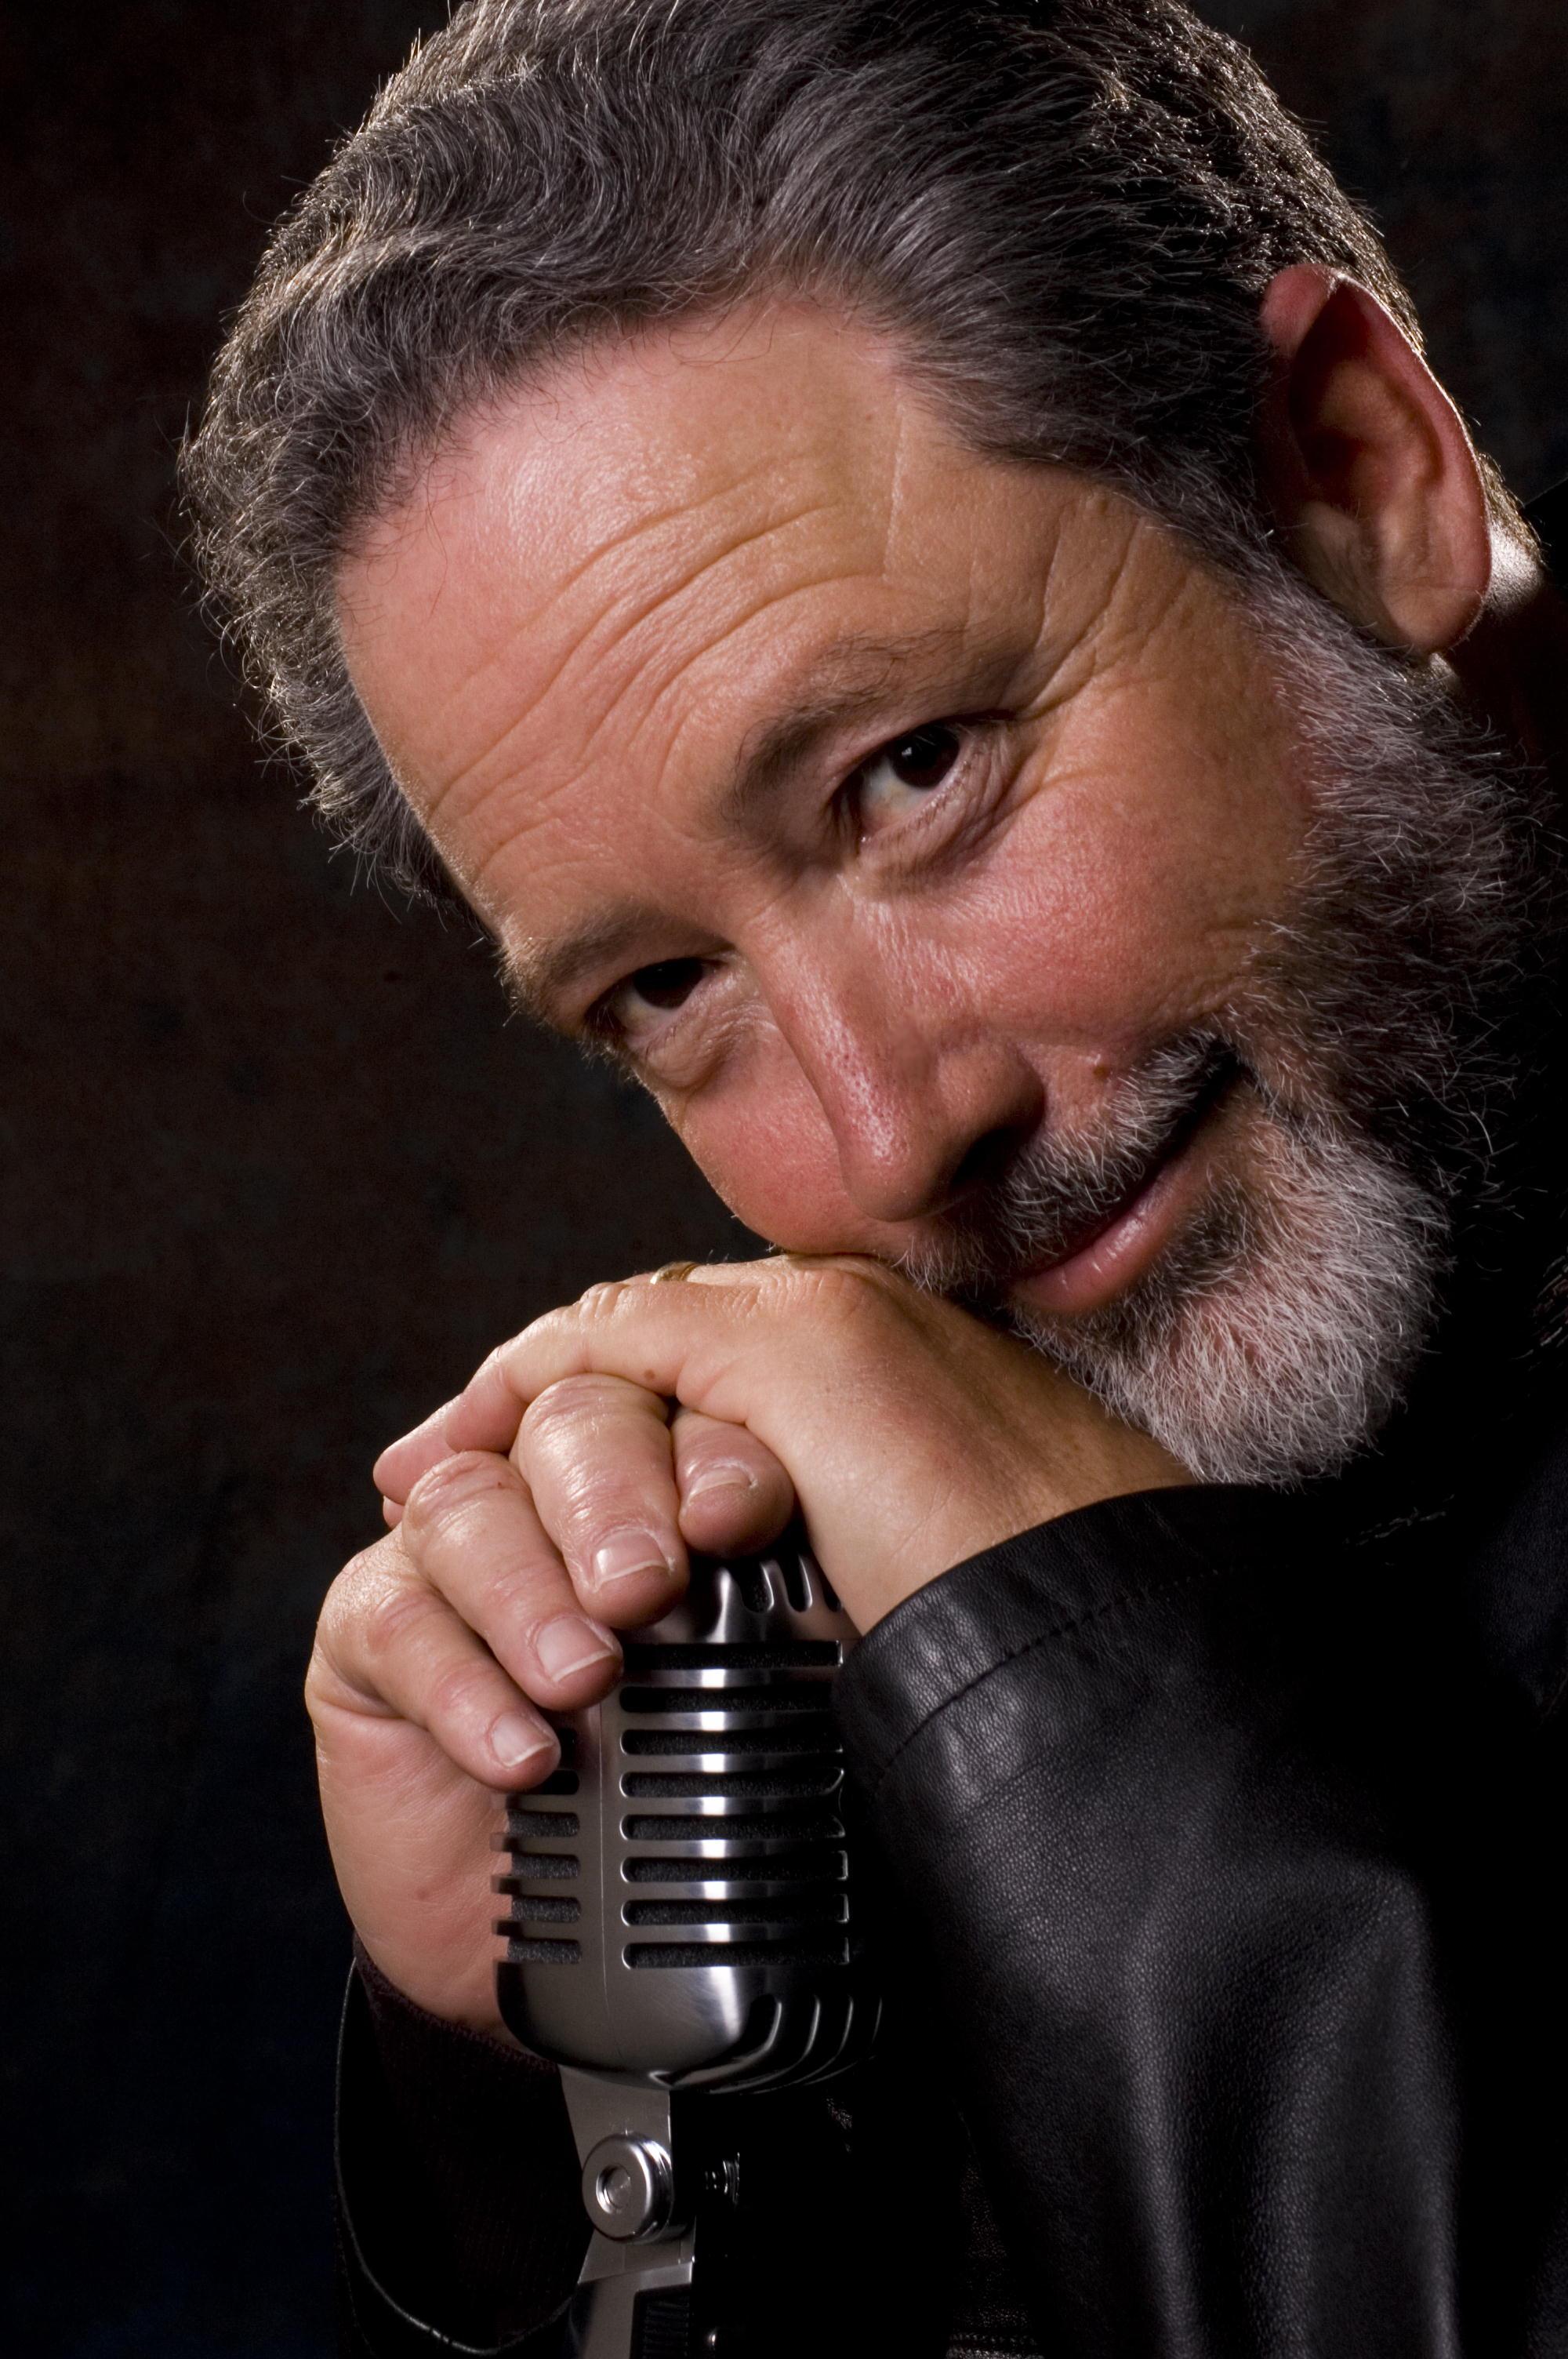 Singer Ron Kaplan